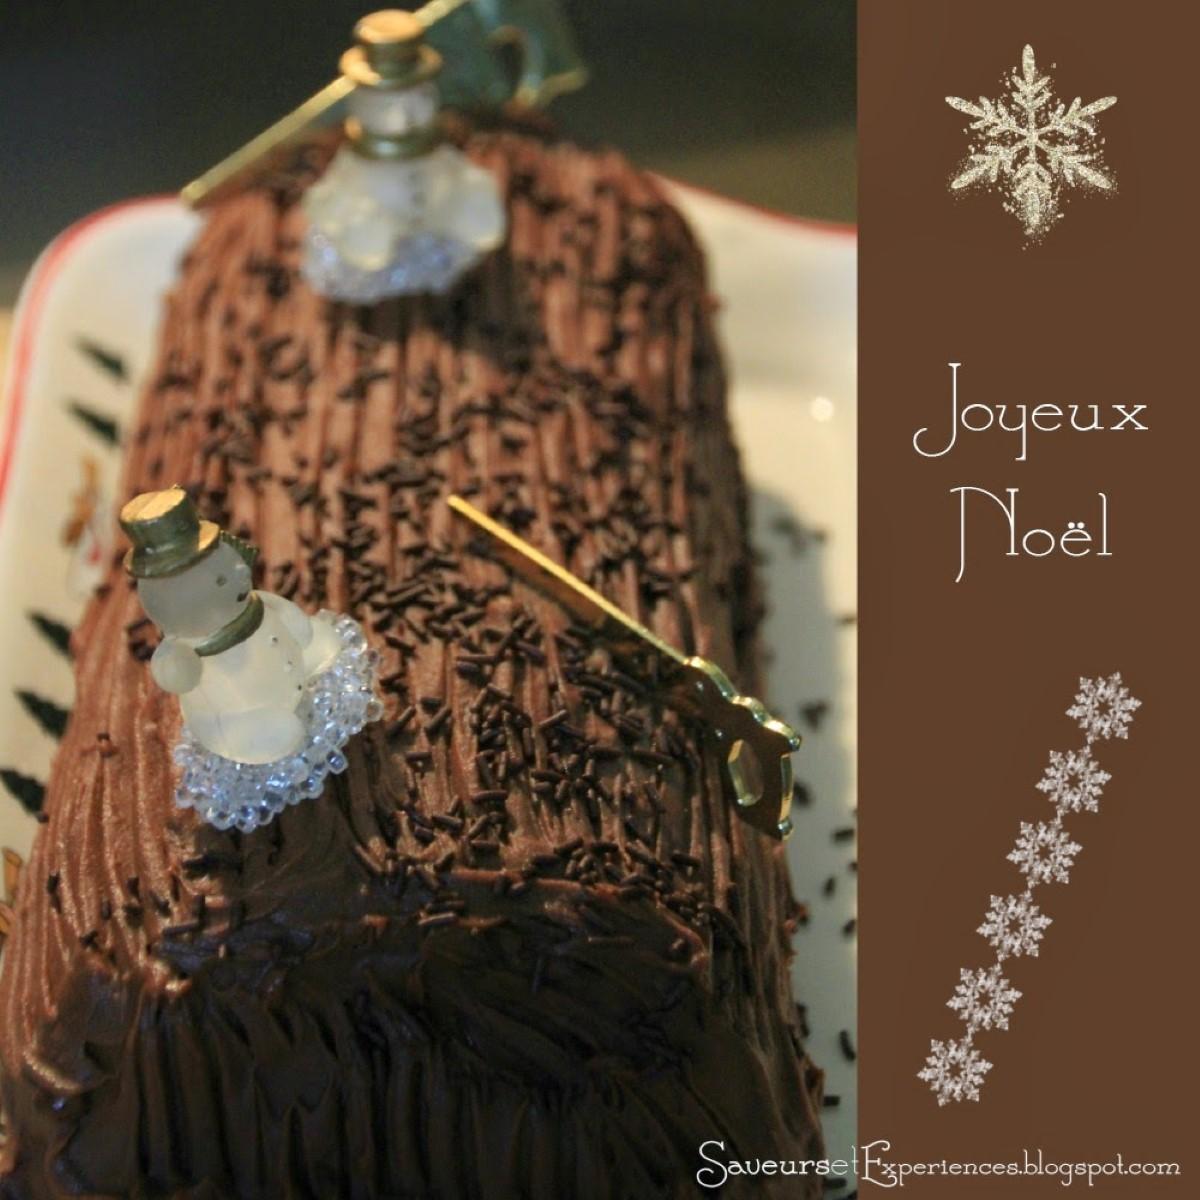 La recette d'Emmanuelle : Bûche Chocolat Pralin au Rhum Ron Zacapa